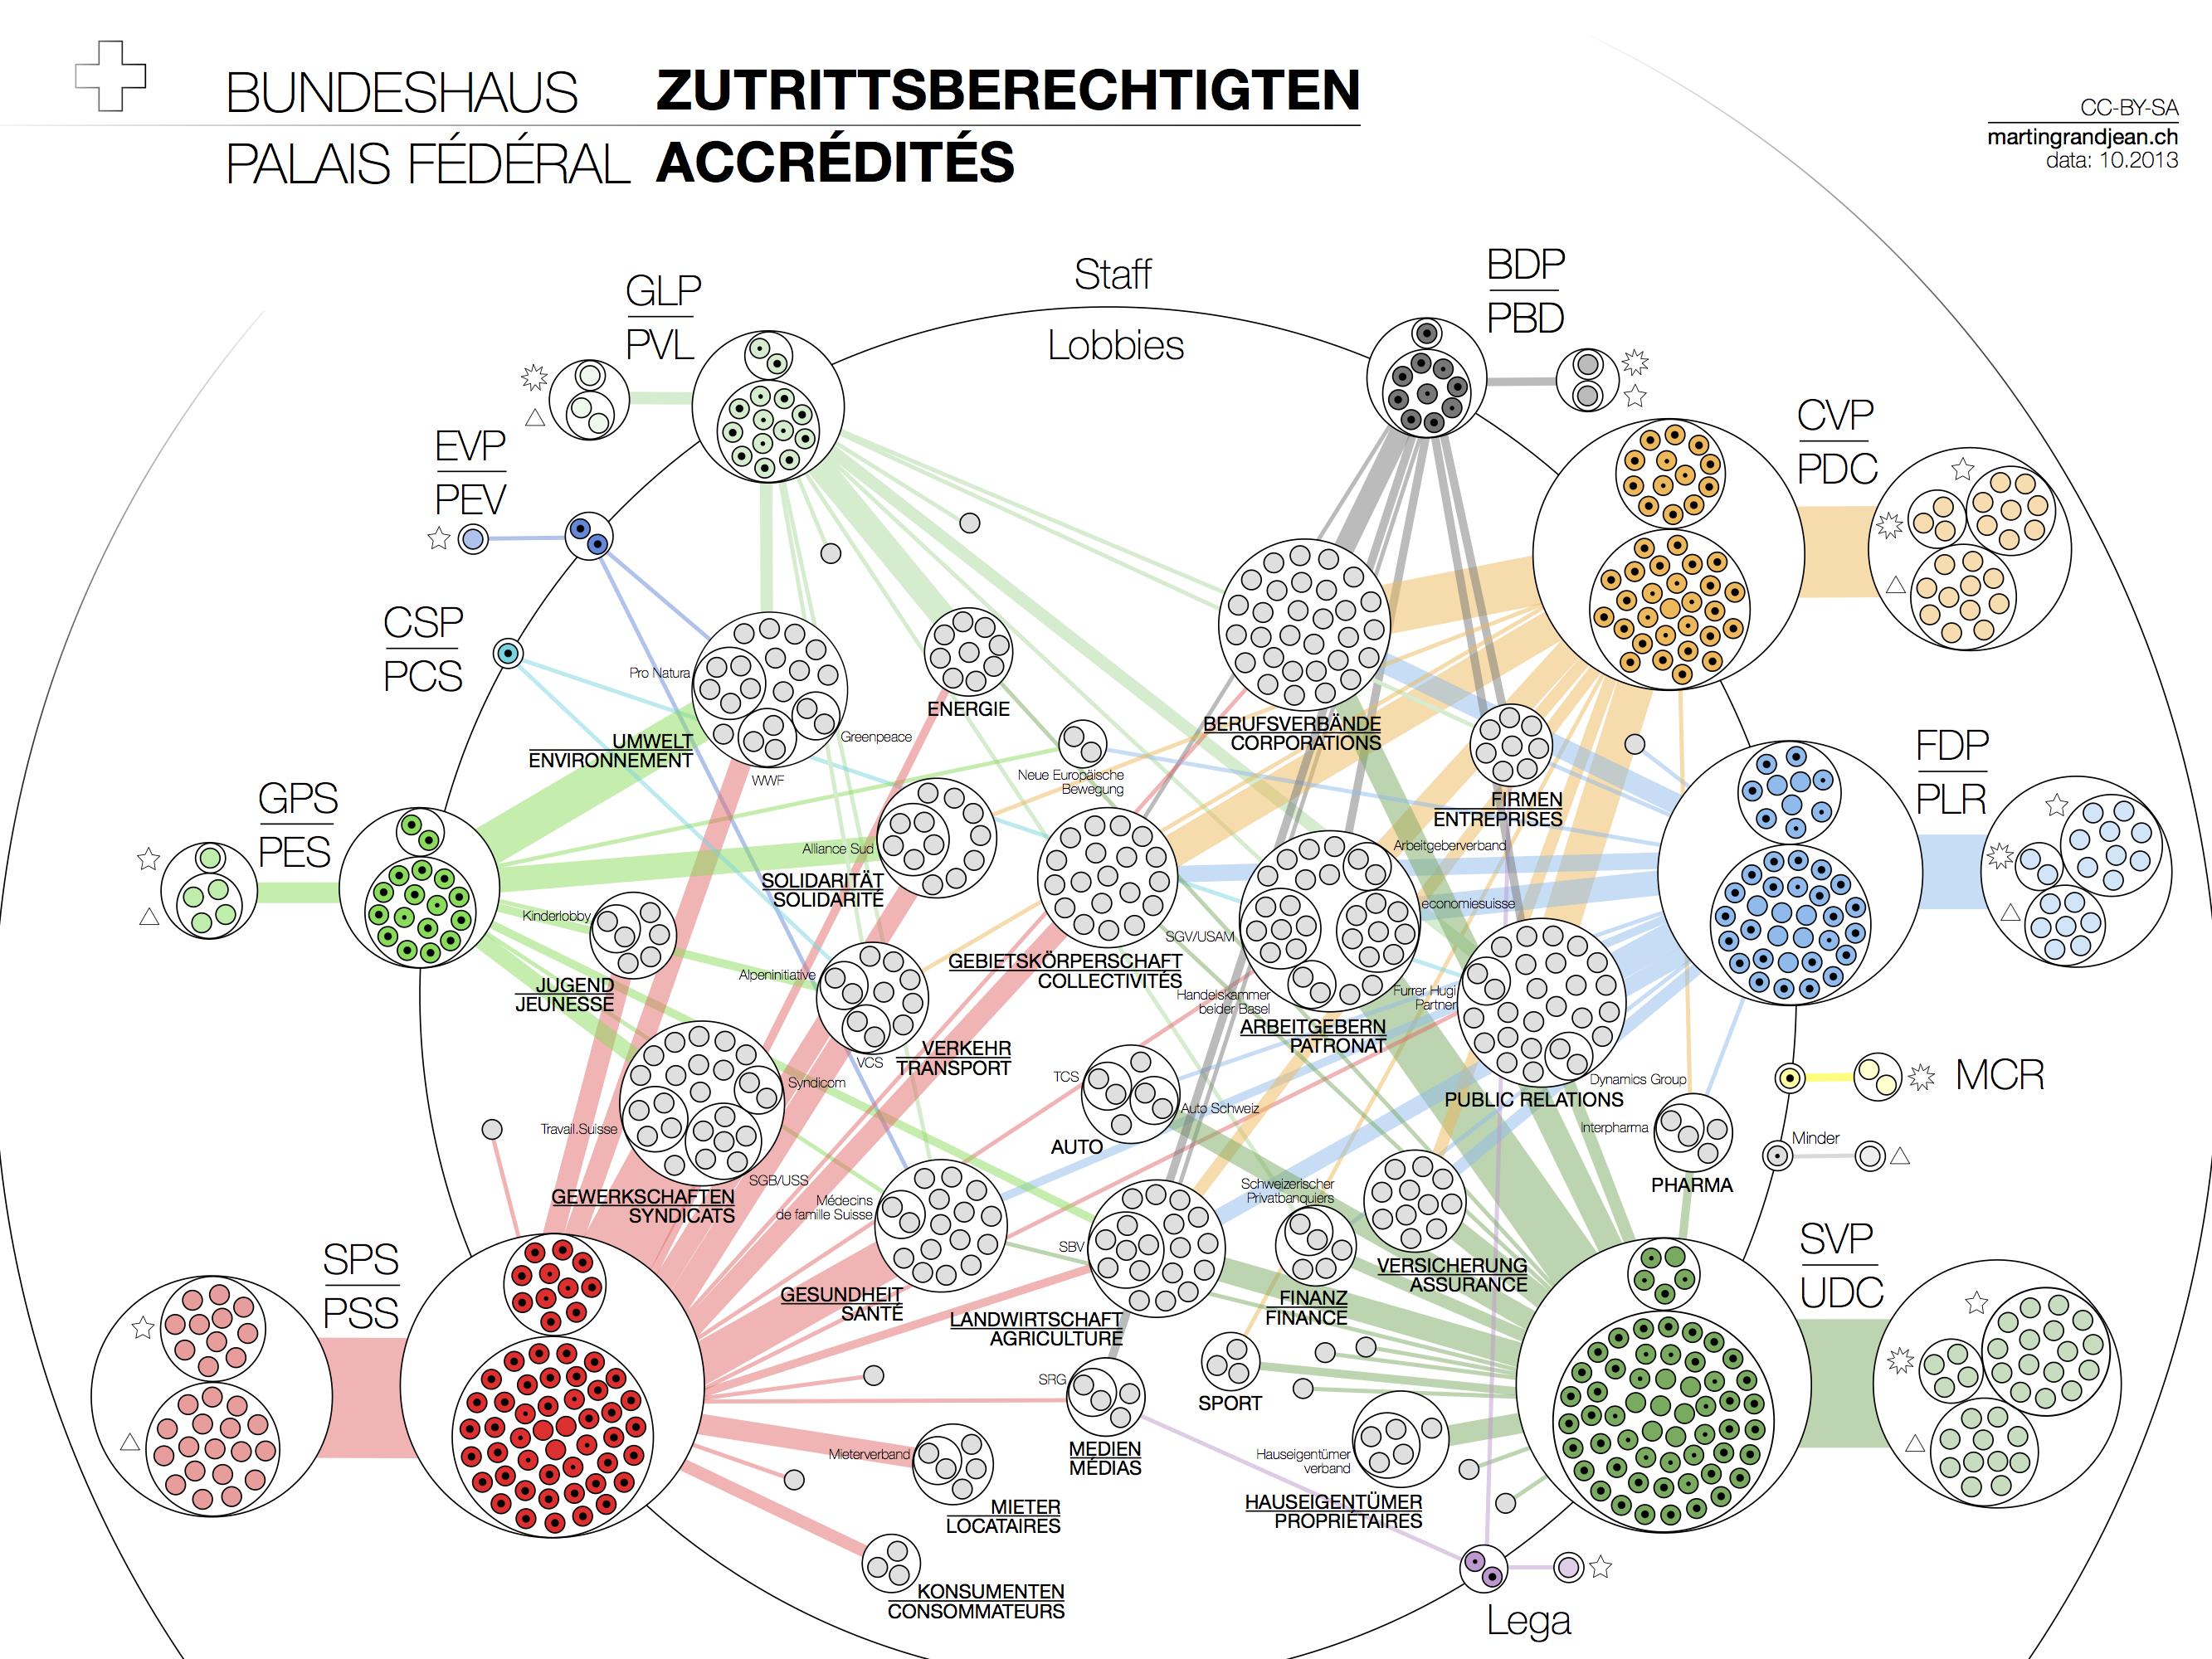 Accreditations Parlement suisse Zutrittsberechtigten